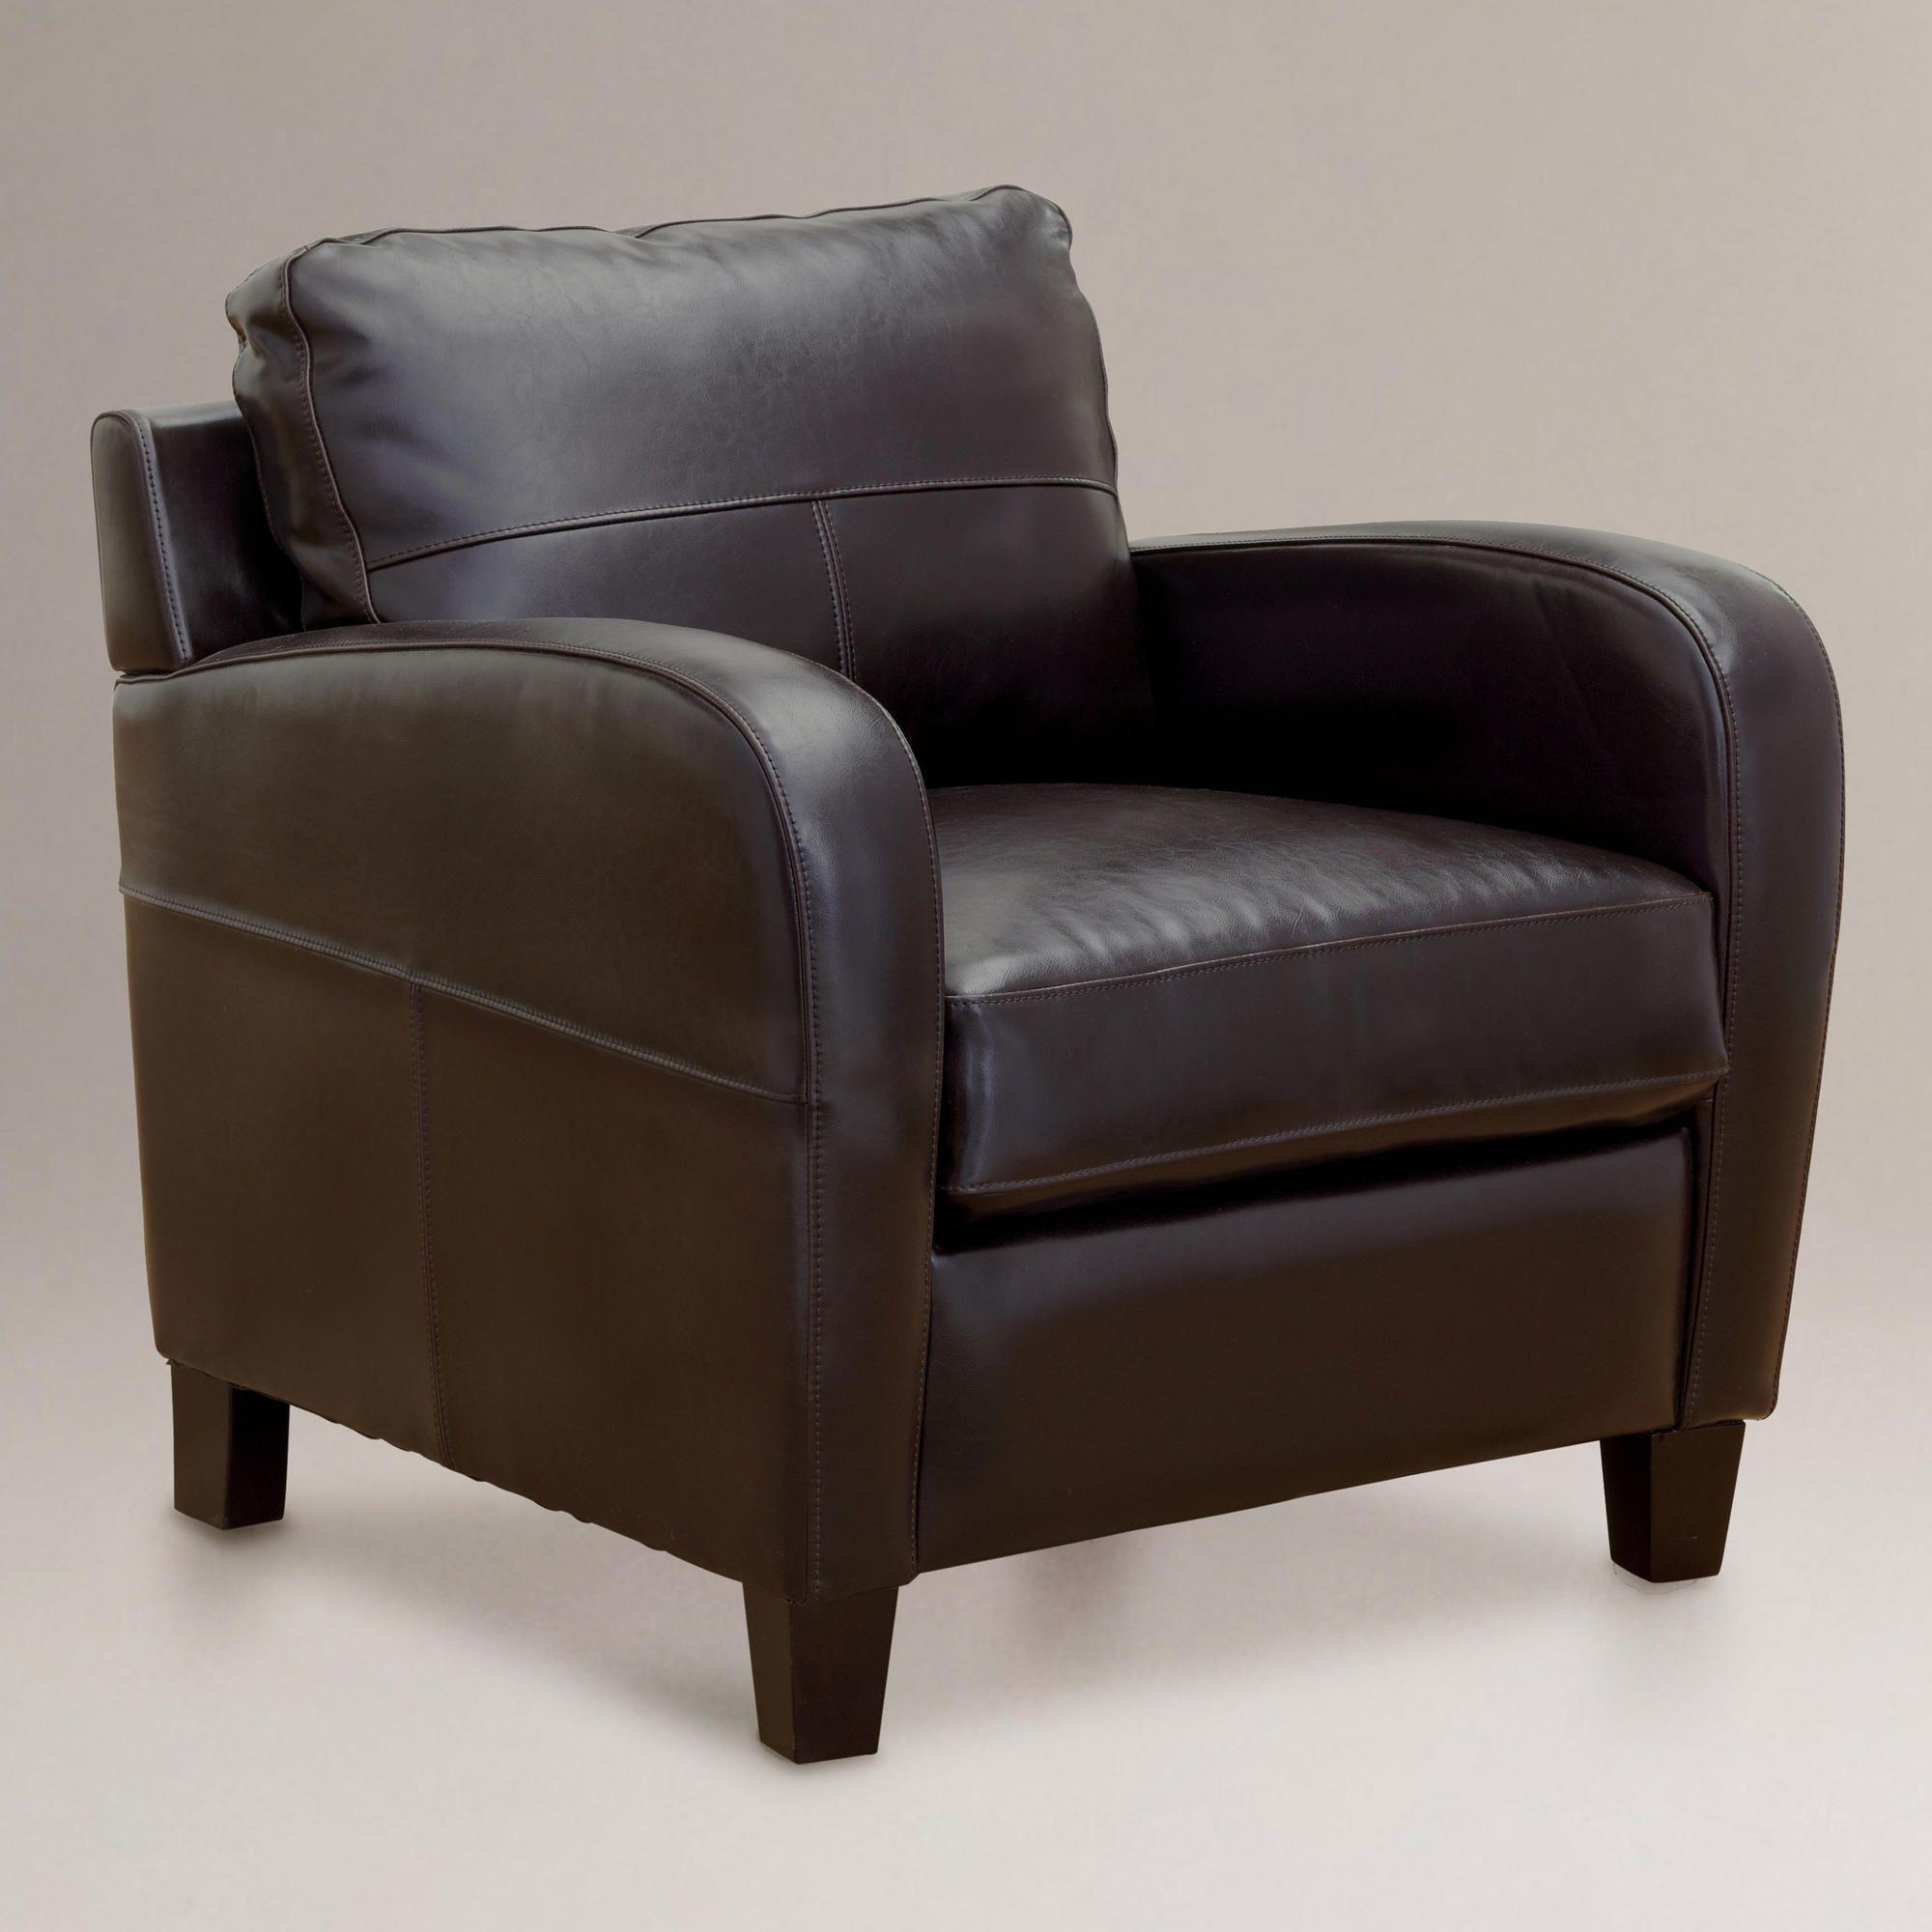 Espresso Mason Bi Cast Leather Chair Espresso Mason Bi Cast